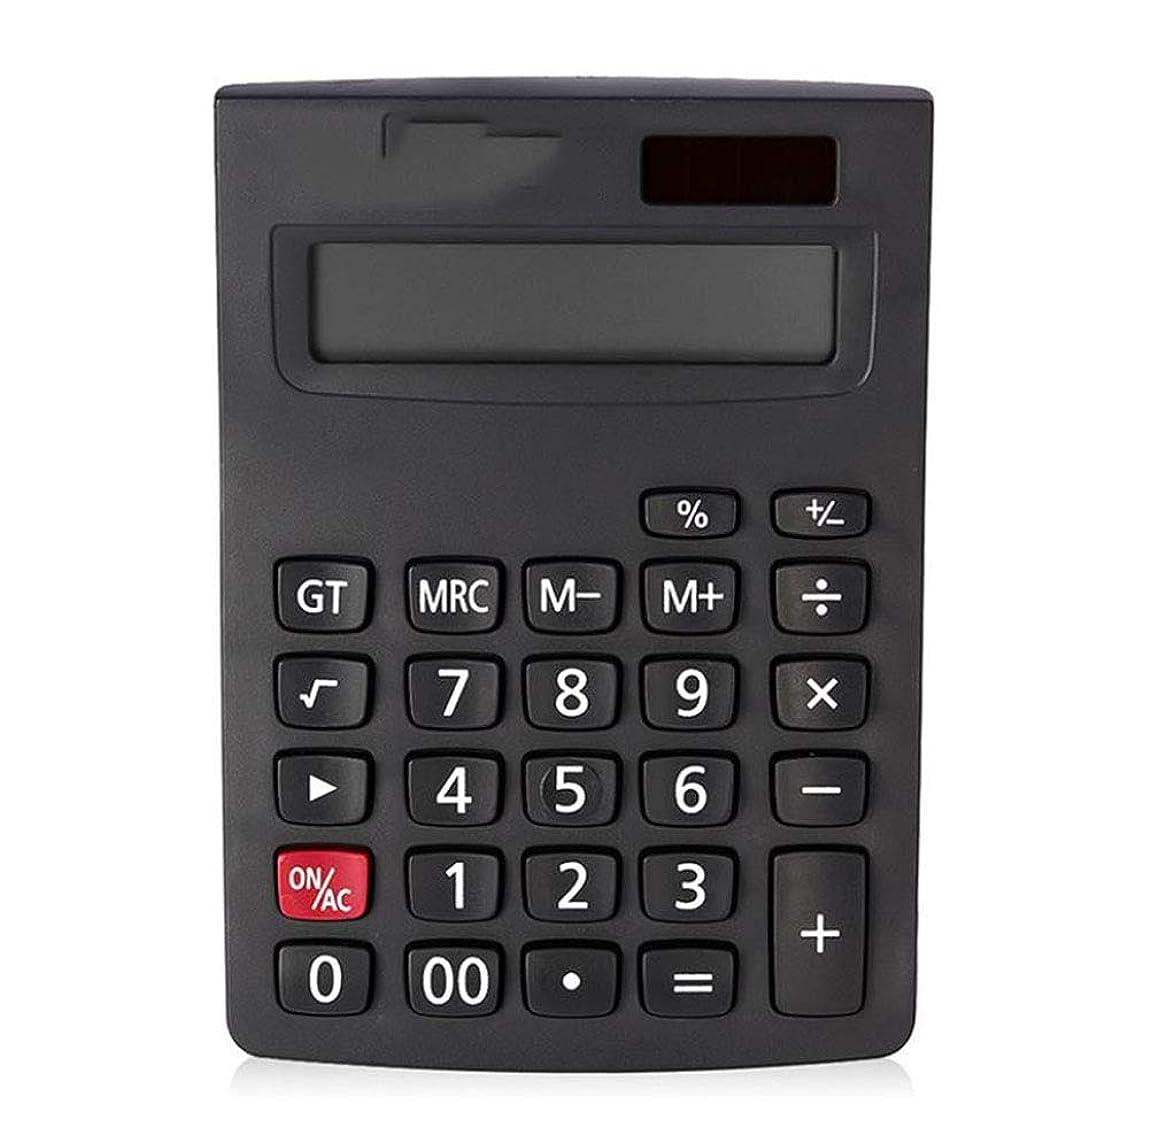 広がり平等サイバースペース電卓 デスクトップ電卓 デュアル電源 12桁 大型ディスプレイ プラスチックボタン 自動シャットダウン 5pcs